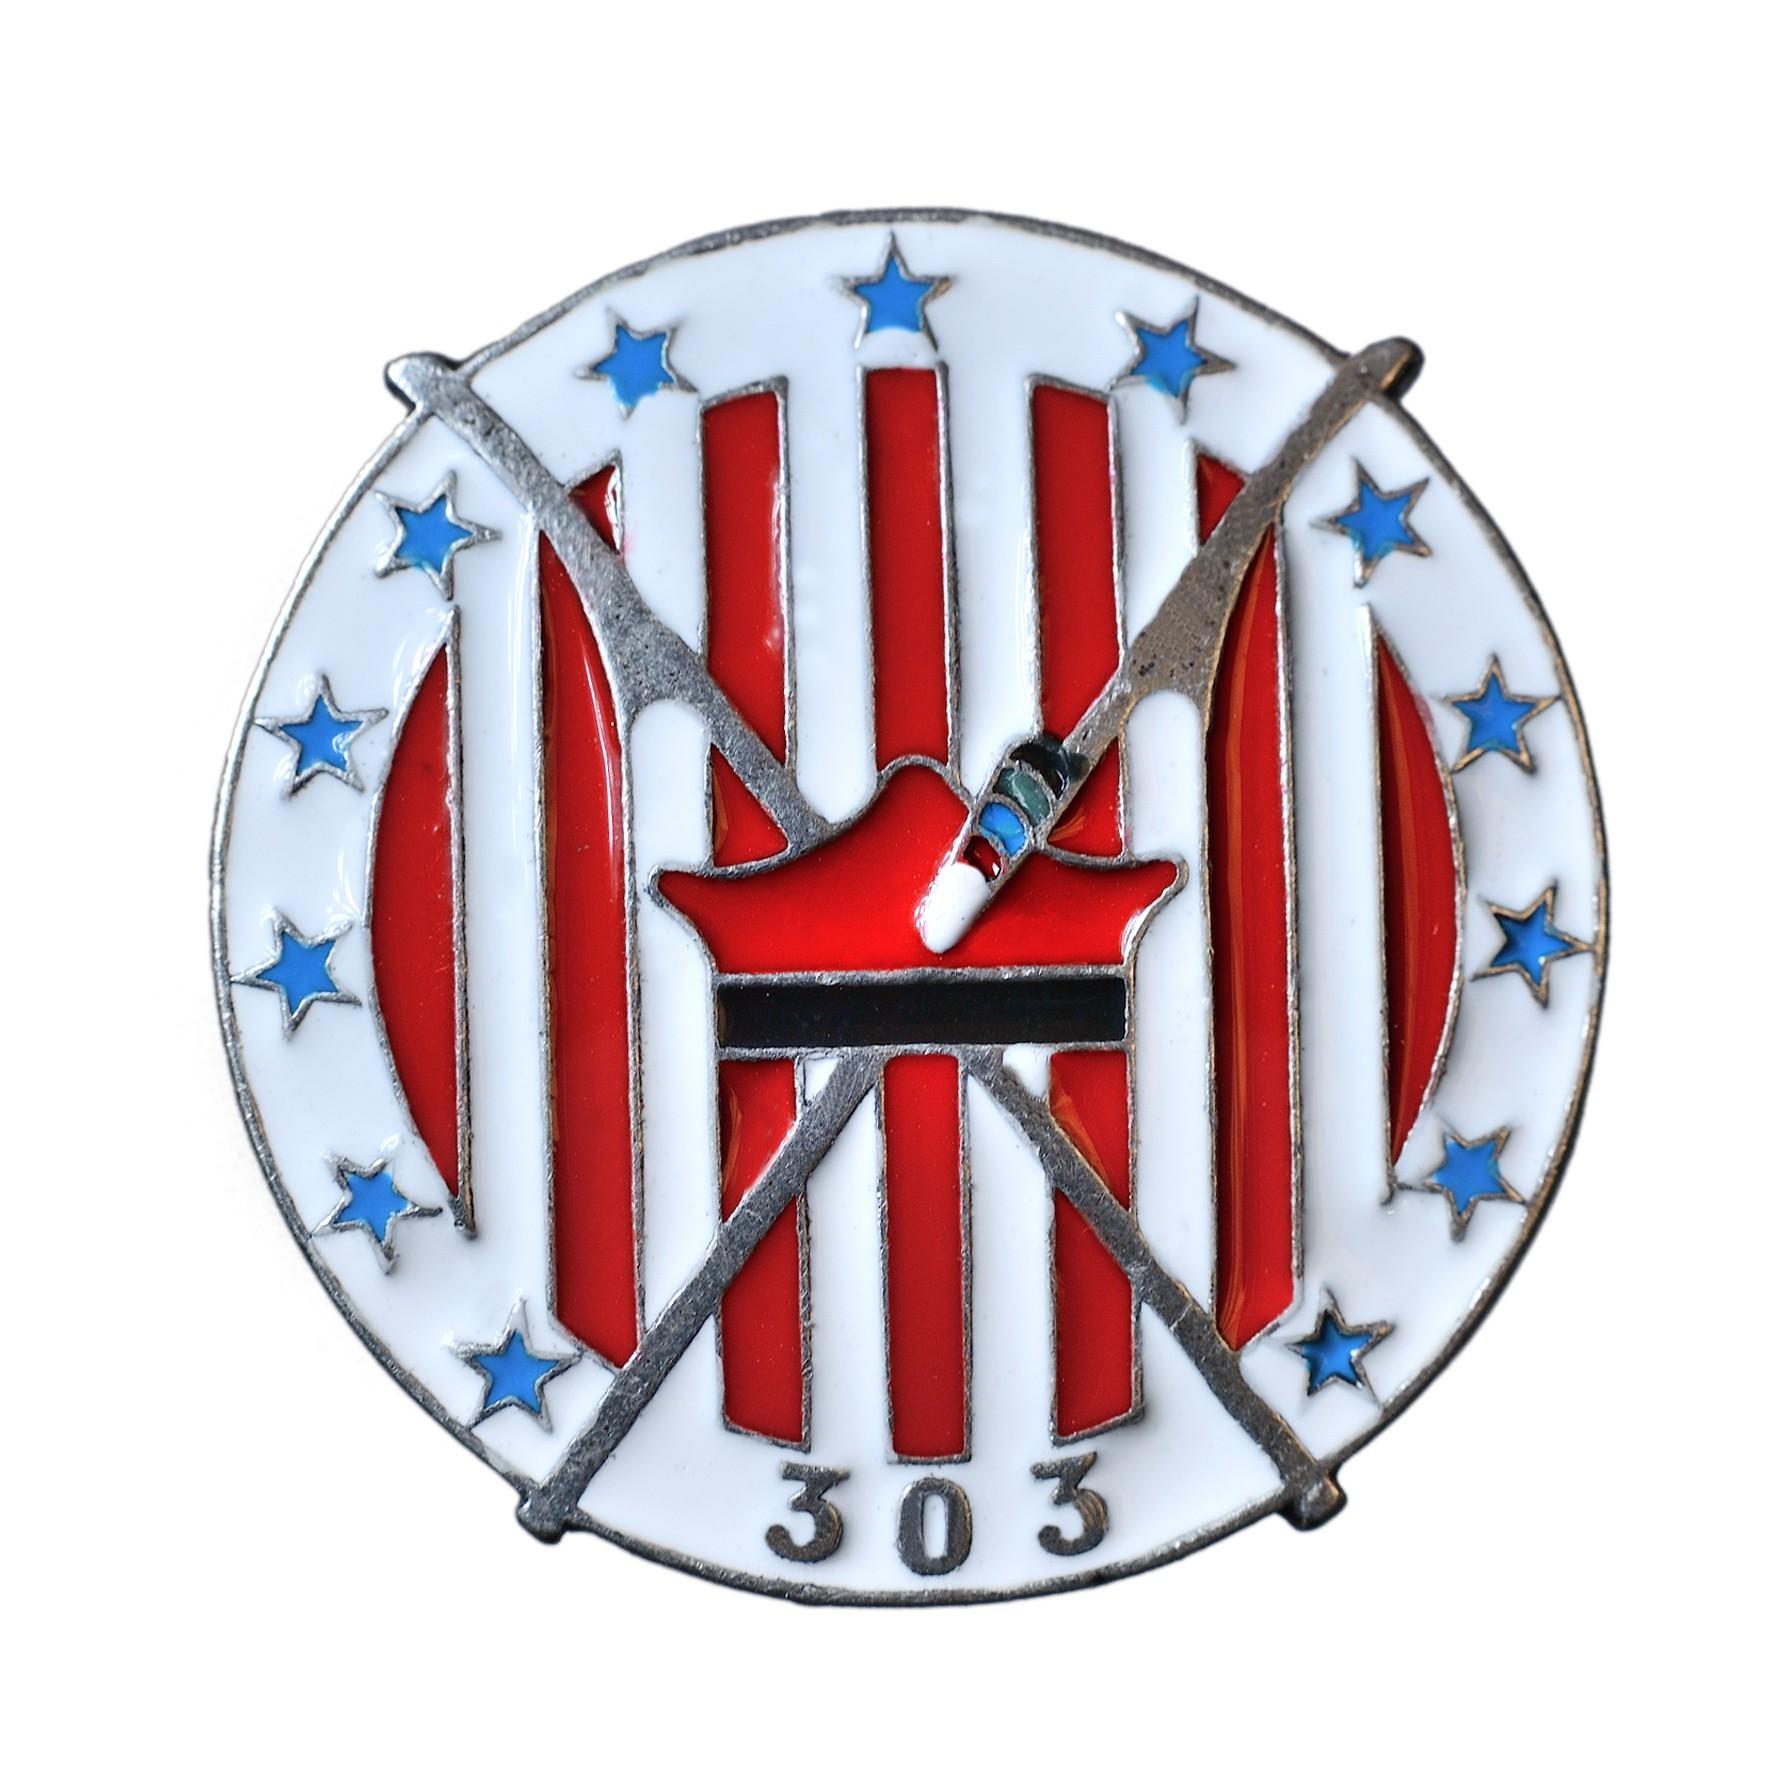 Odznak 303 Lovecke Squadron Kosciuszko